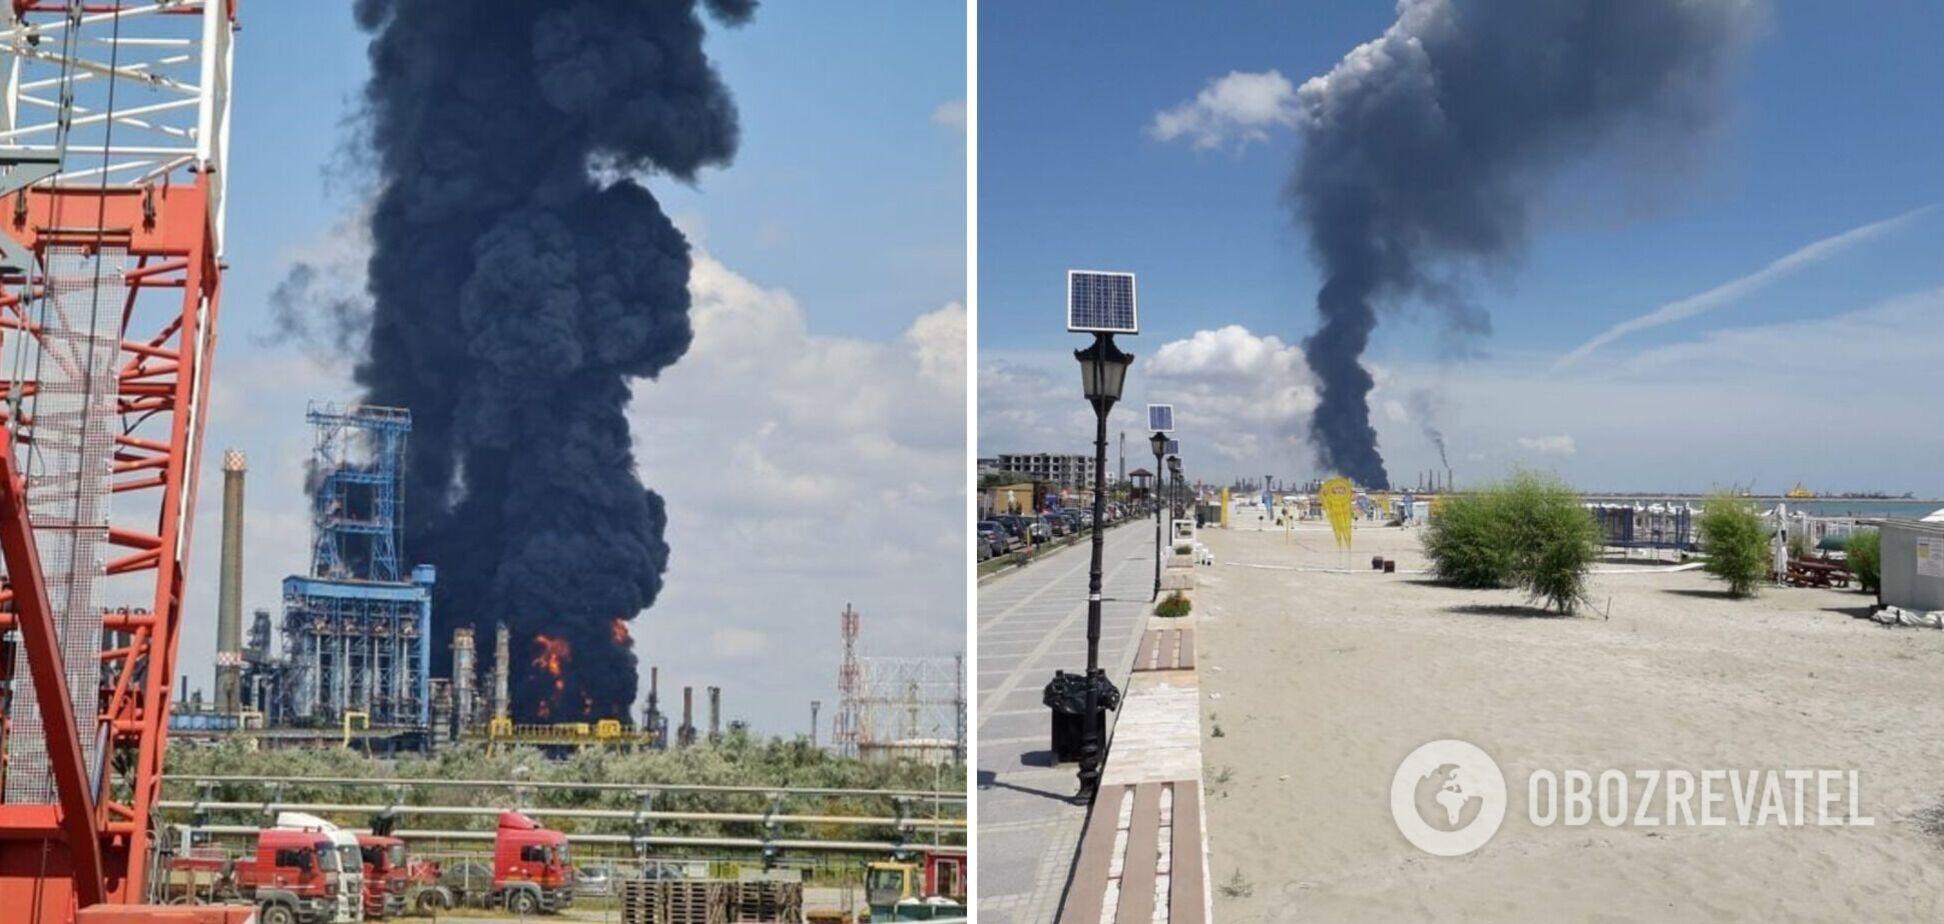 У Румунії трапився вибух на найбільшому нафтозаводі, багато постраждалих. Фото і відео моменту